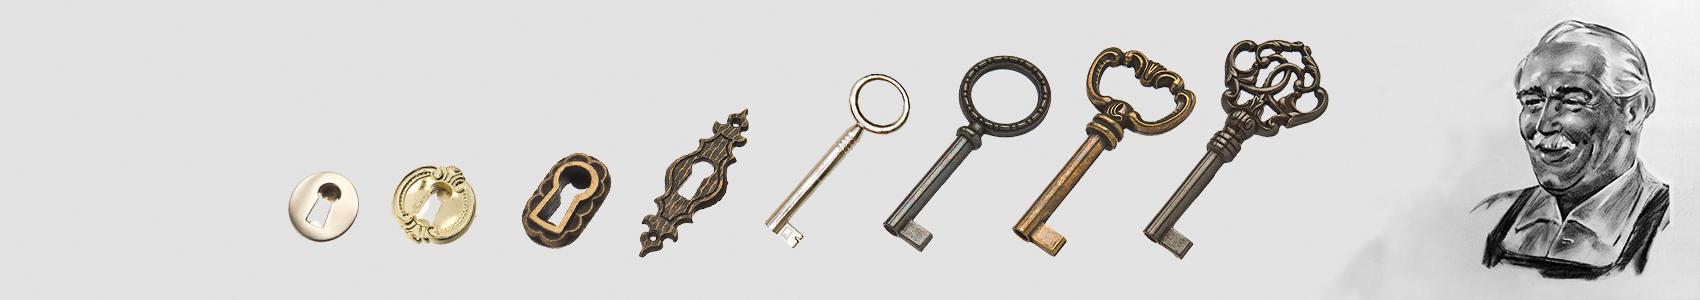 Das Bild zeigt ausgewählte Schlüssel der Firma Huwil